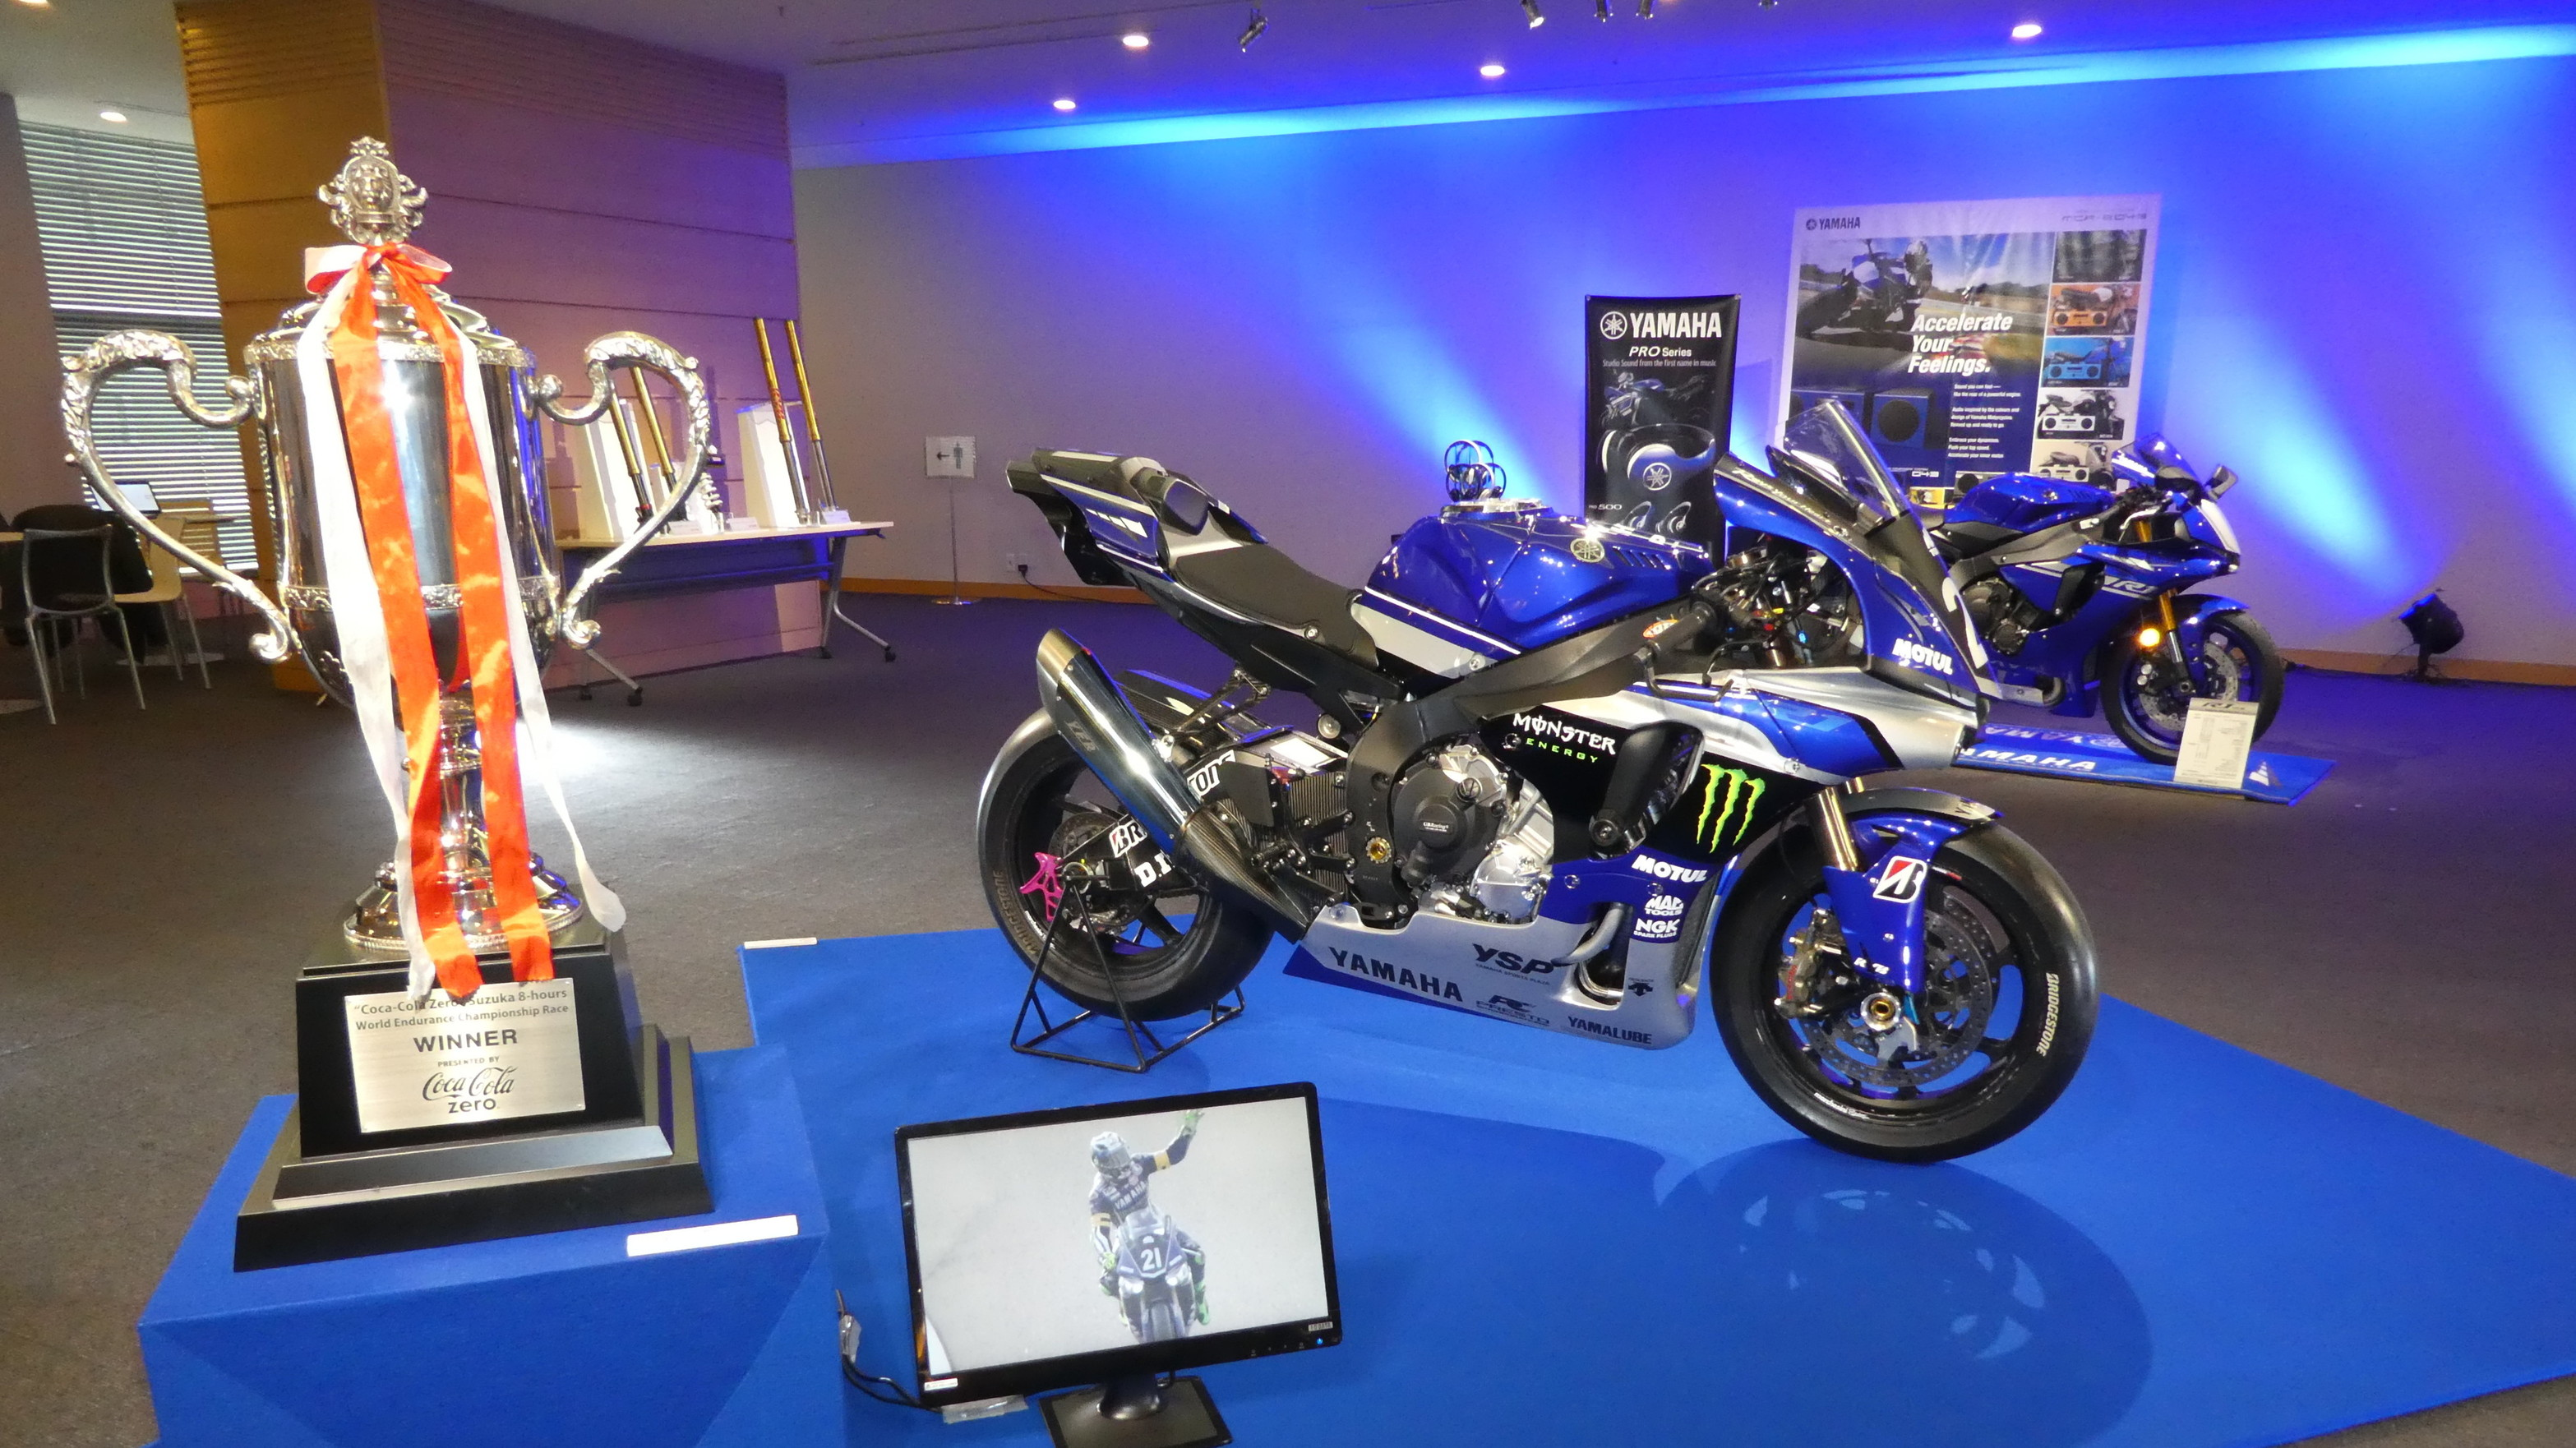 YAMAHA2017年モータースポーツ参戦計画